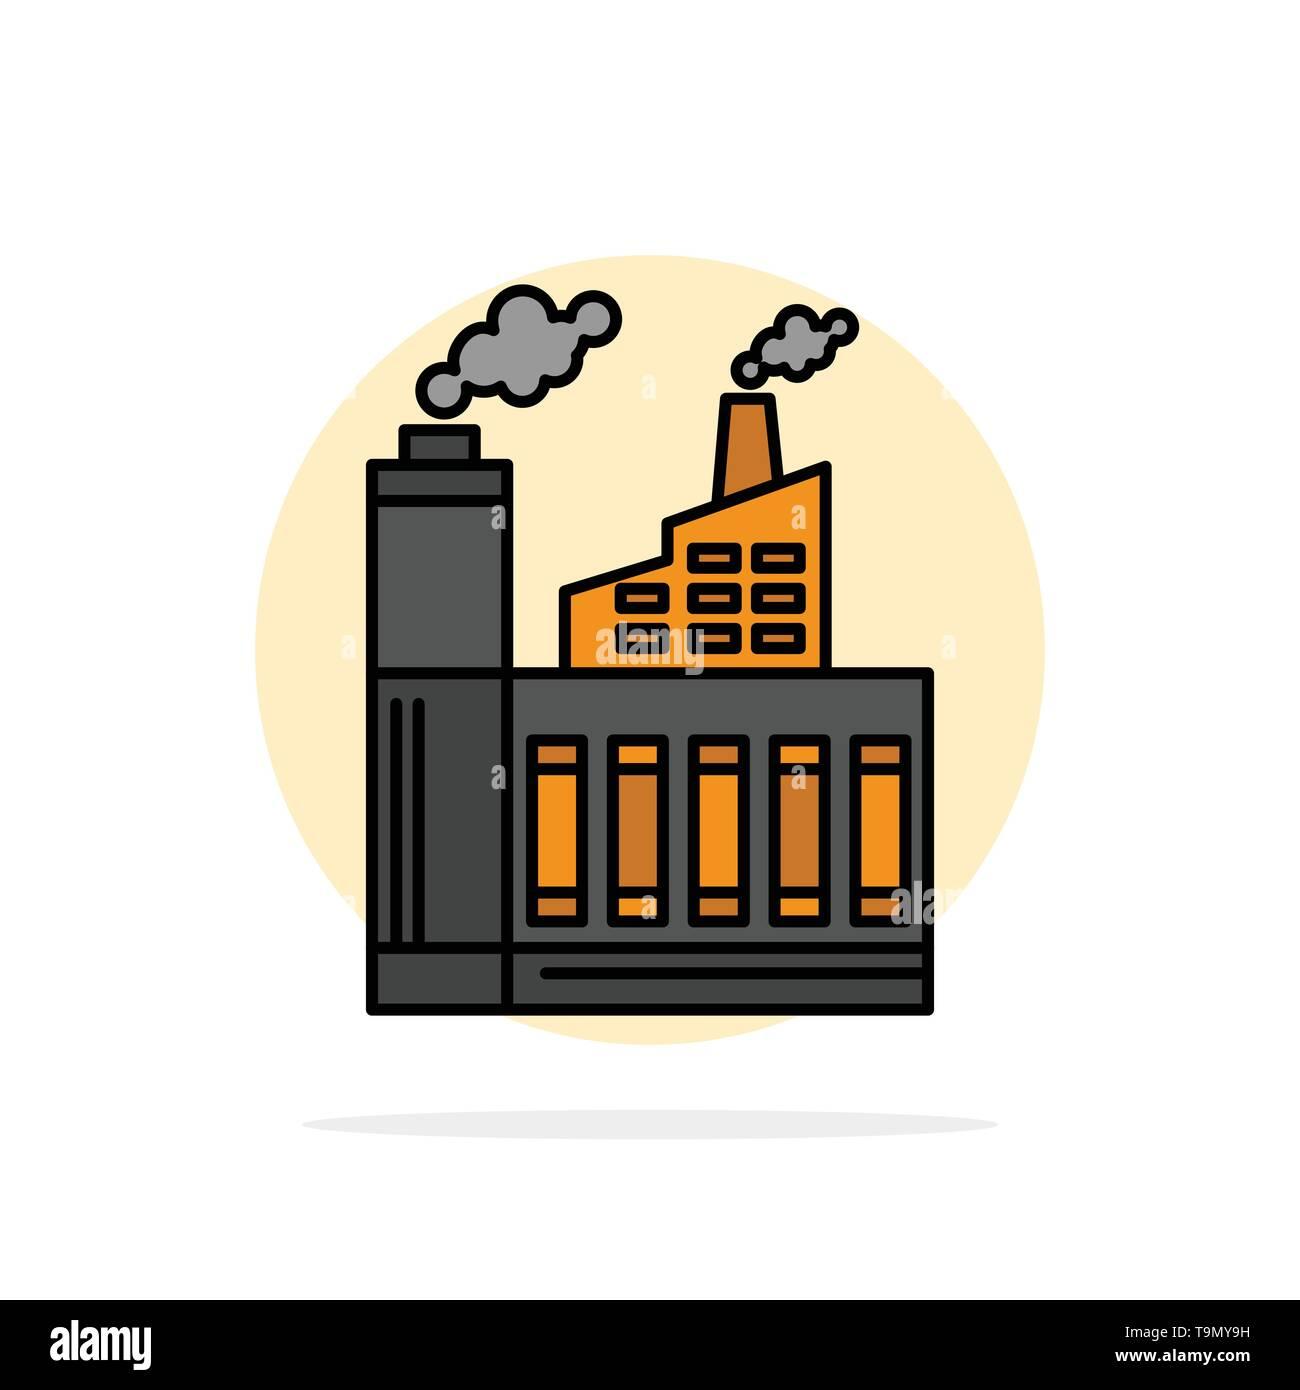 building clipart,building blocks,geometry,gradient style,city buildings, technological sense,pixelated,building,blocks…   City buildings, City  illustration, Building